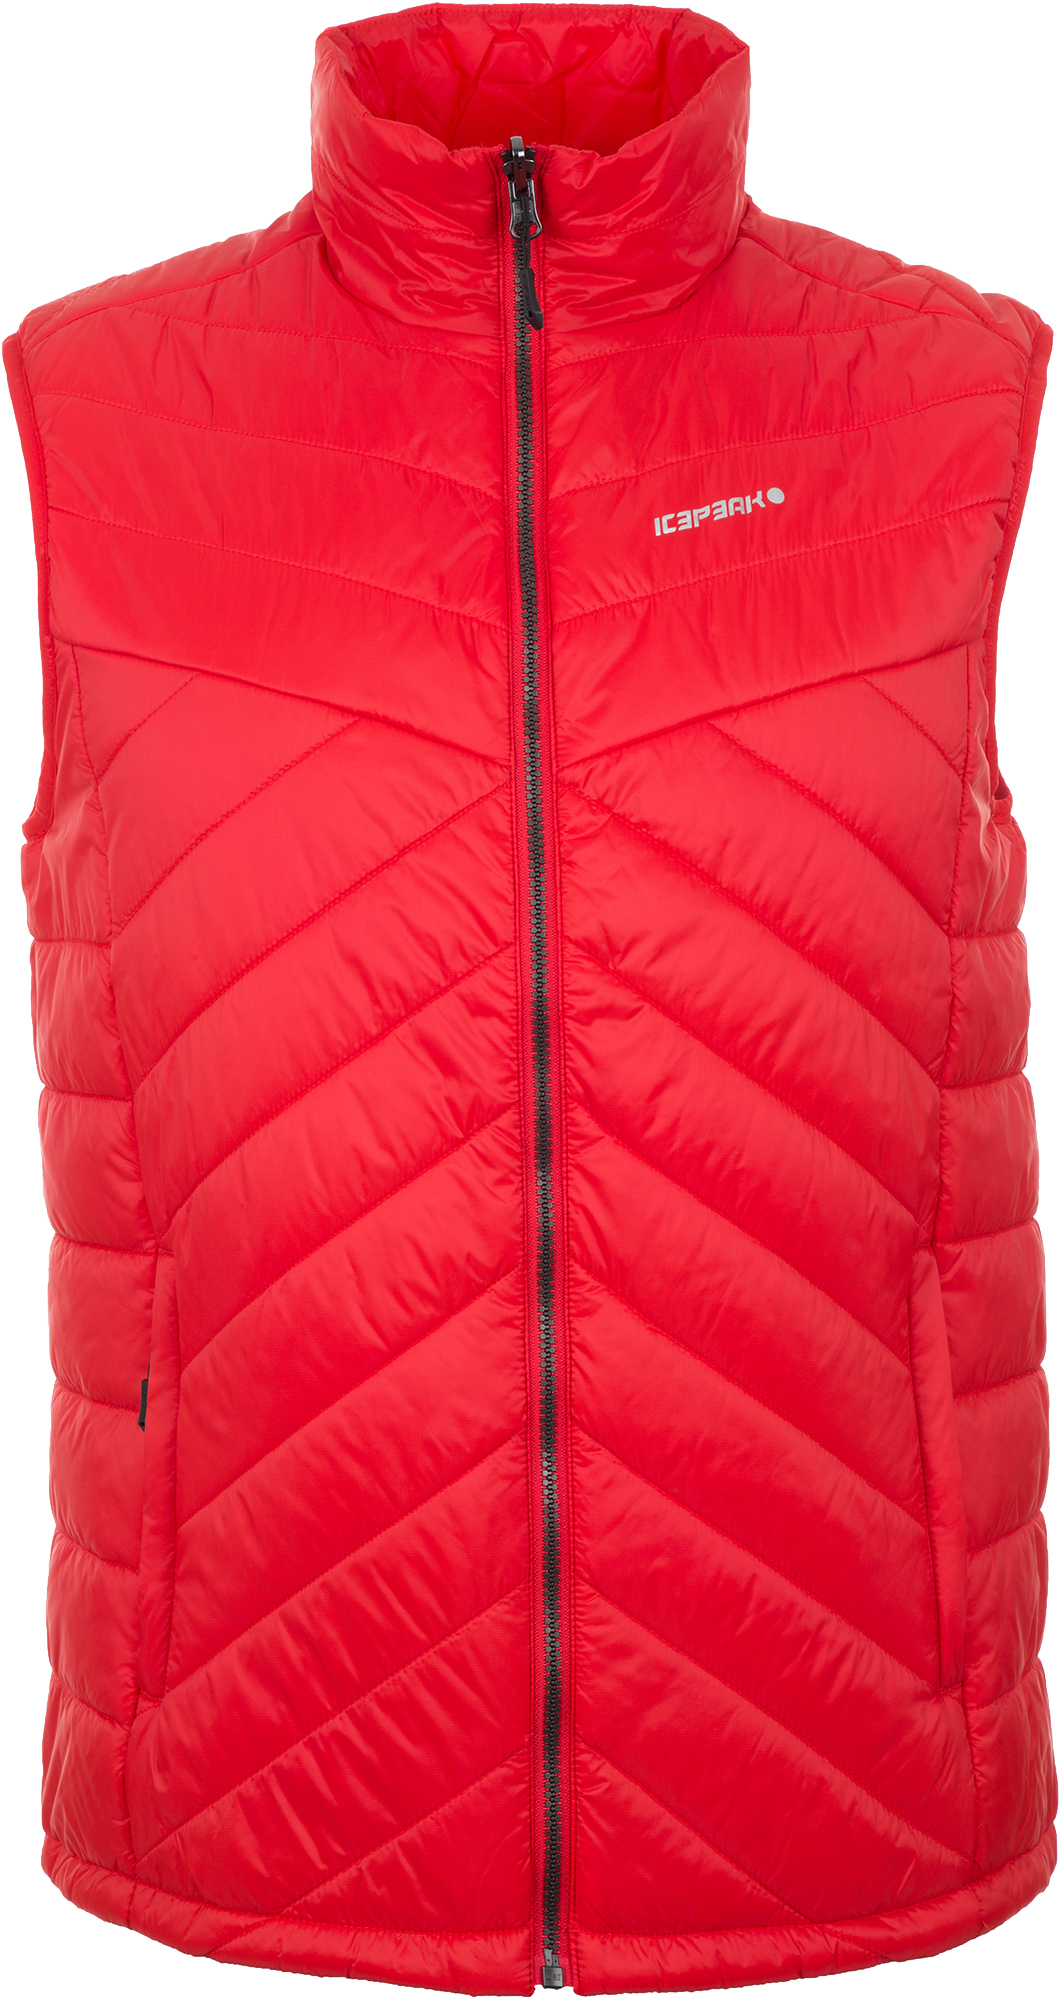 IcePeak Жилет утепленный М IcePeak Vassar, размер 54 icepeak рюкзак icepeak размер без размера